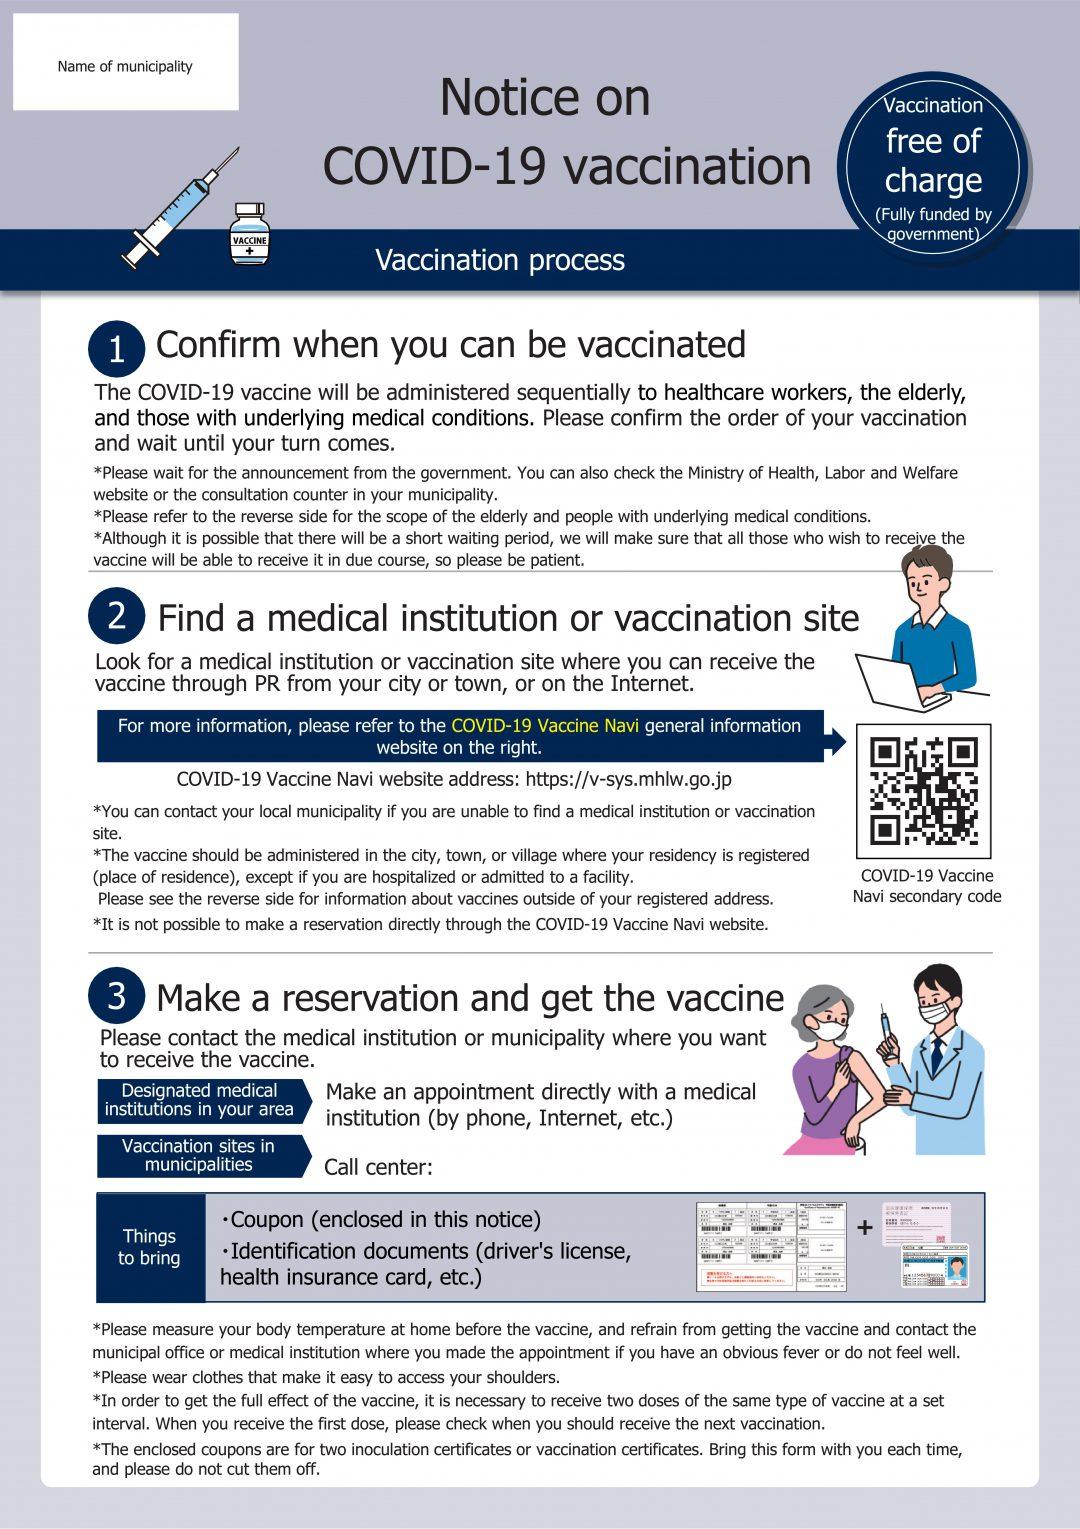 画像:【関係者向け】外国語の新型コロナワクチン接種のお知らせ例